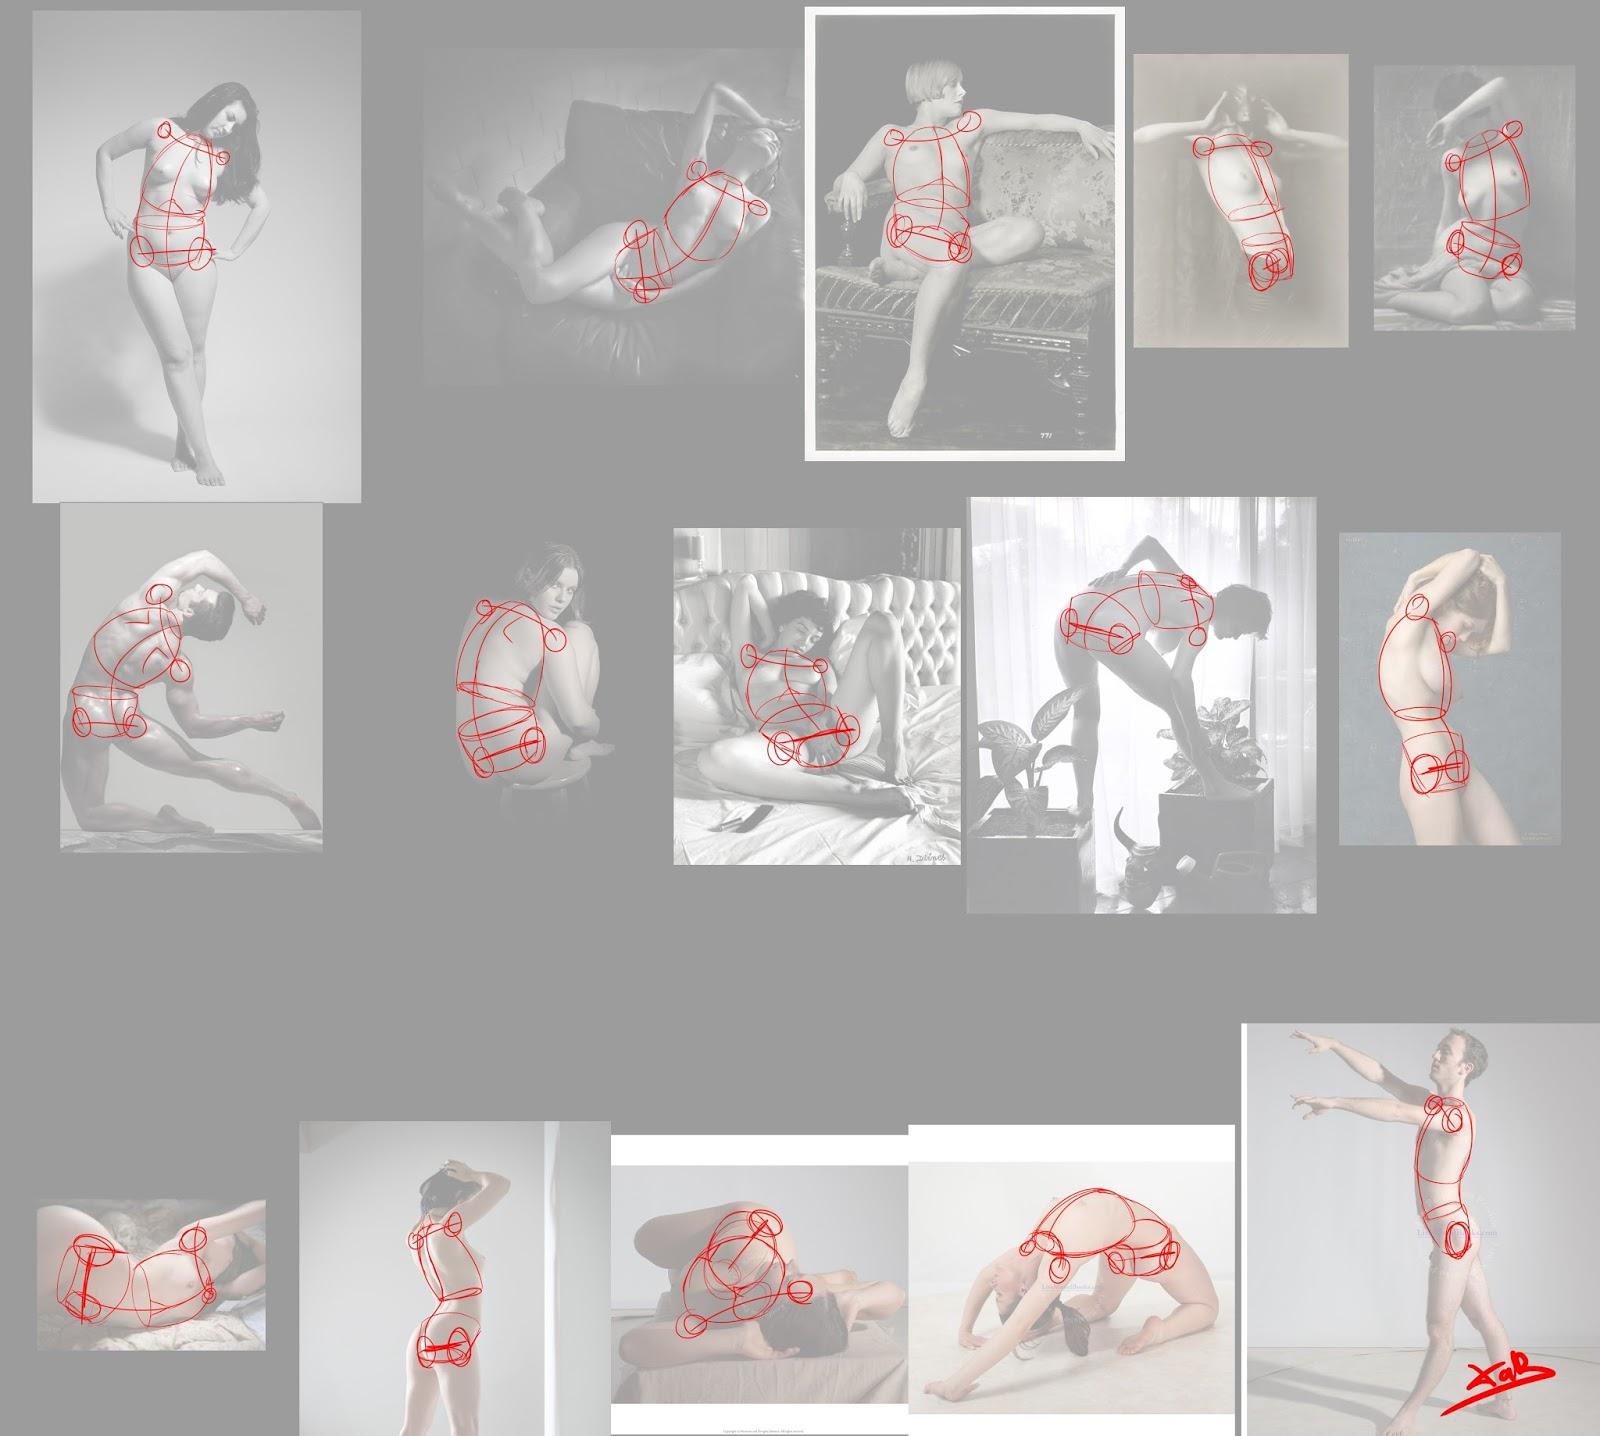 XaB au travail ! [nudity inside] - Page 5 03%2B-%2B15boites02